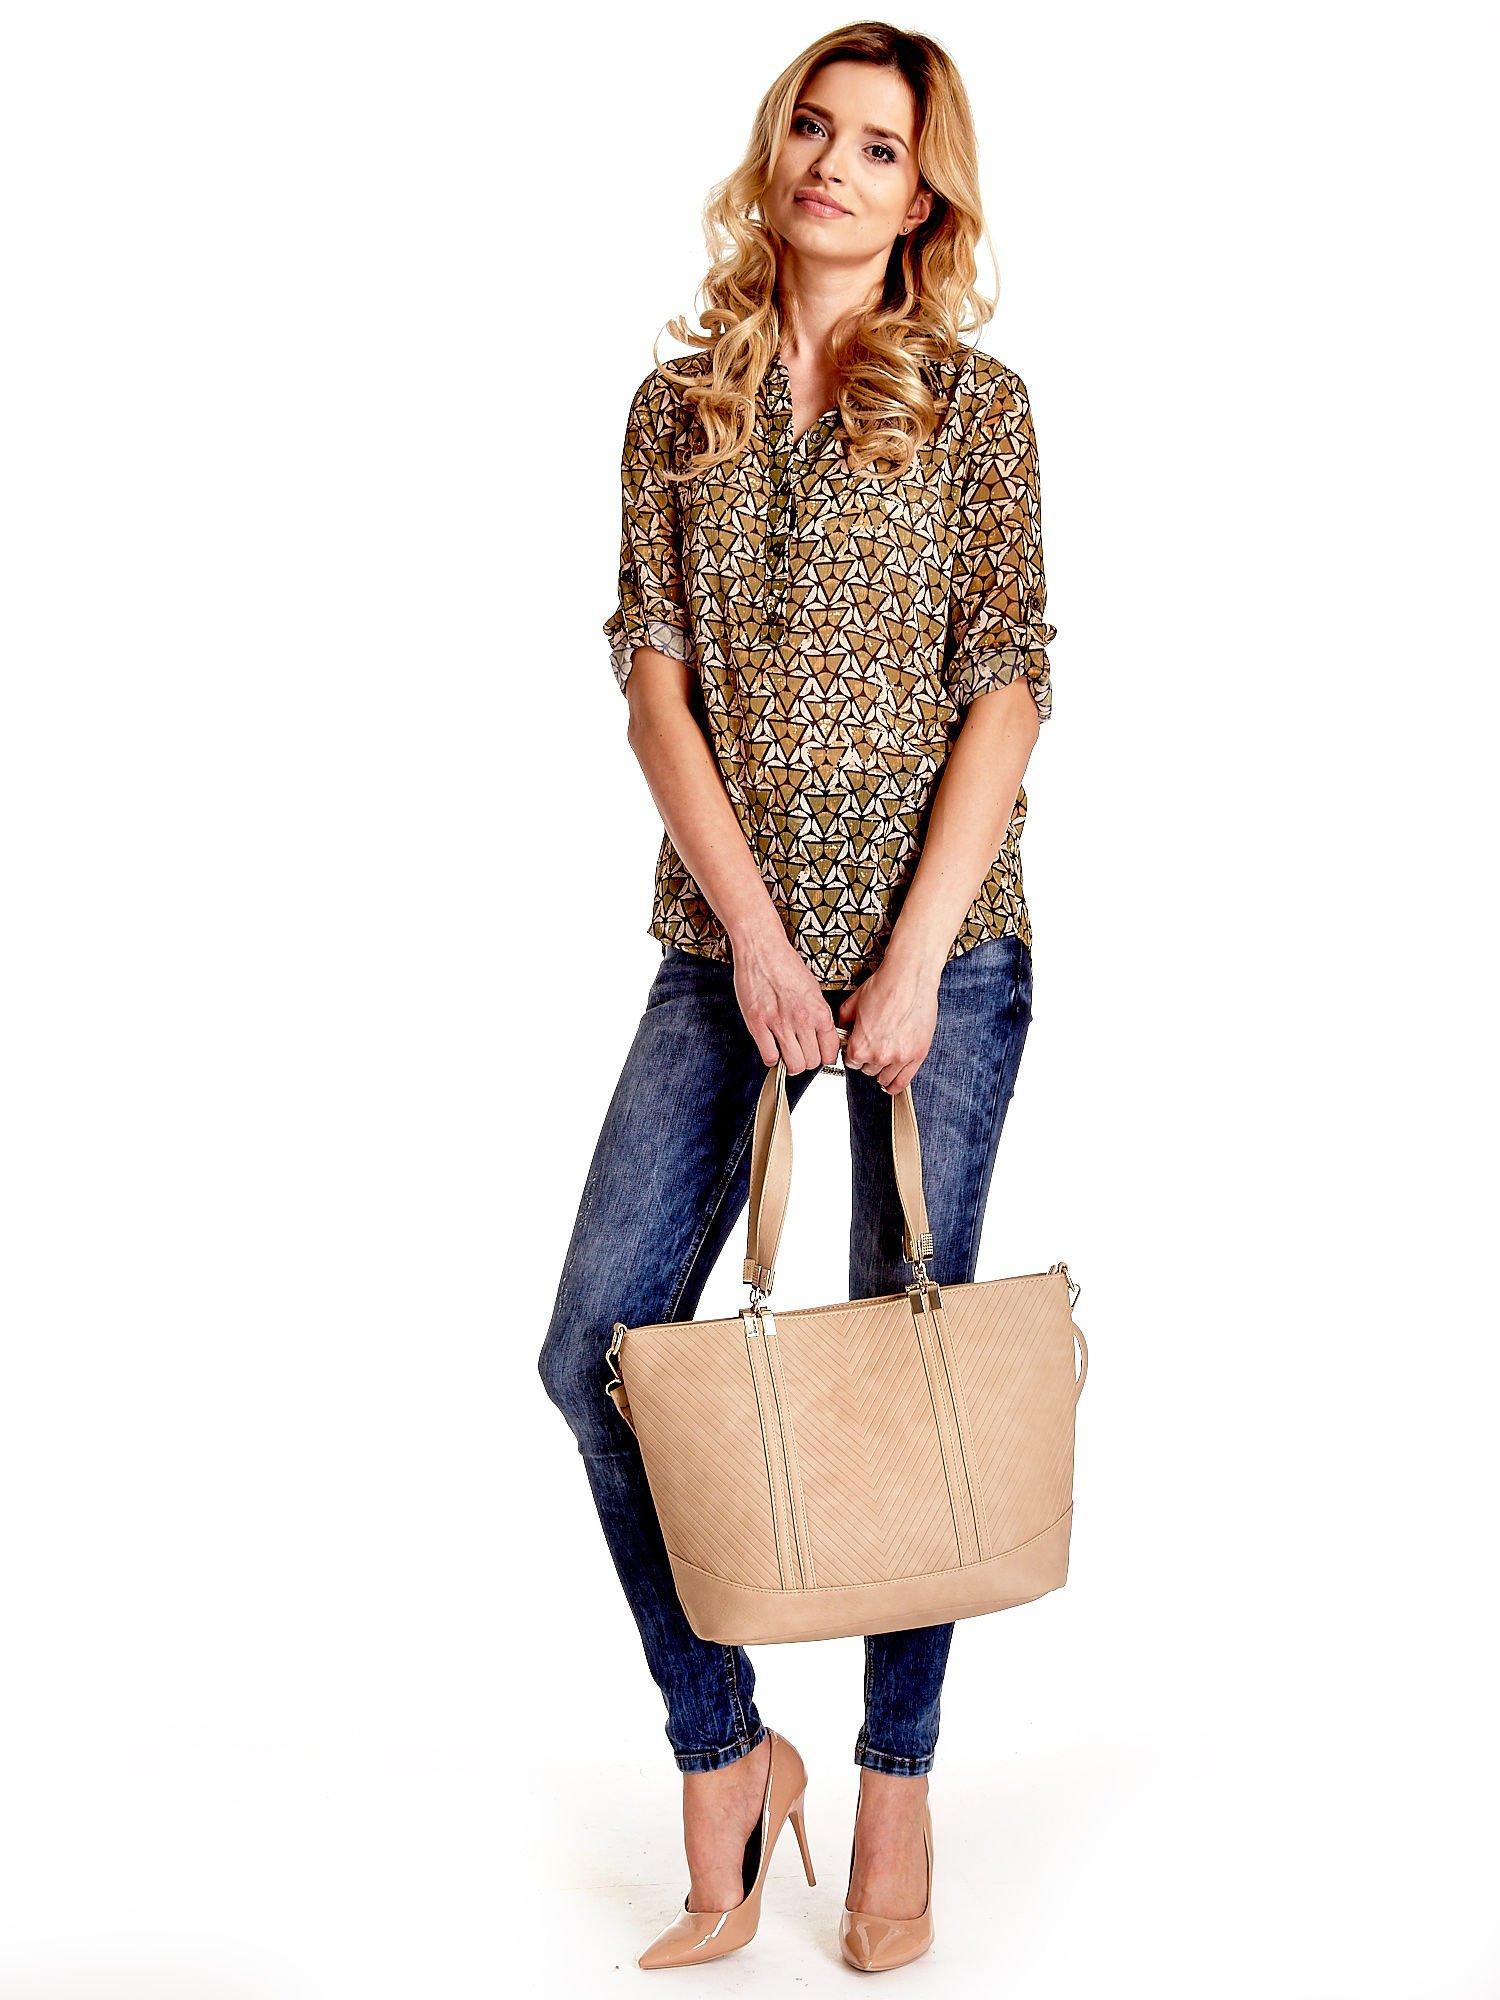 Beżowa fakturowana torebka damska ze złotymi okuciami                                  zdj.                                  3